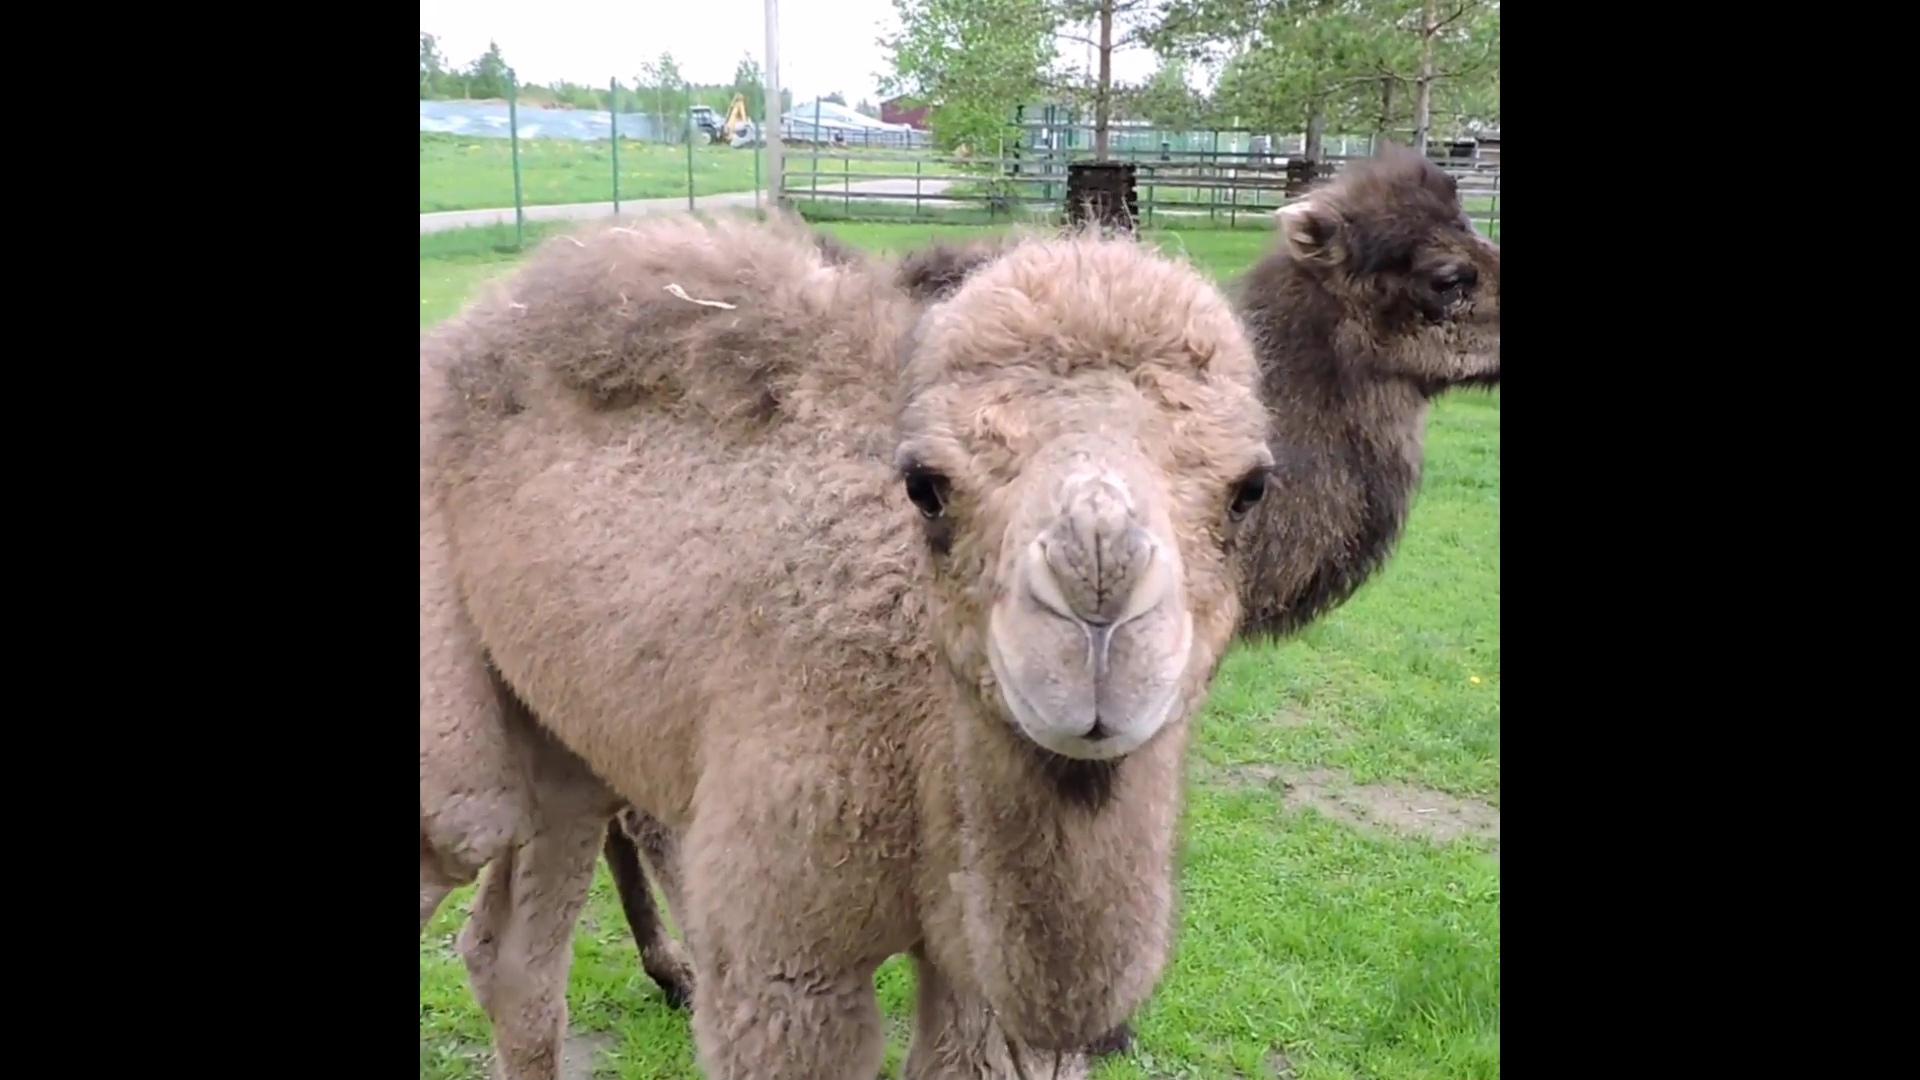 Без мам и пап: в Ярославском зоопарке появились два верблюжонка, которых не приняли родители